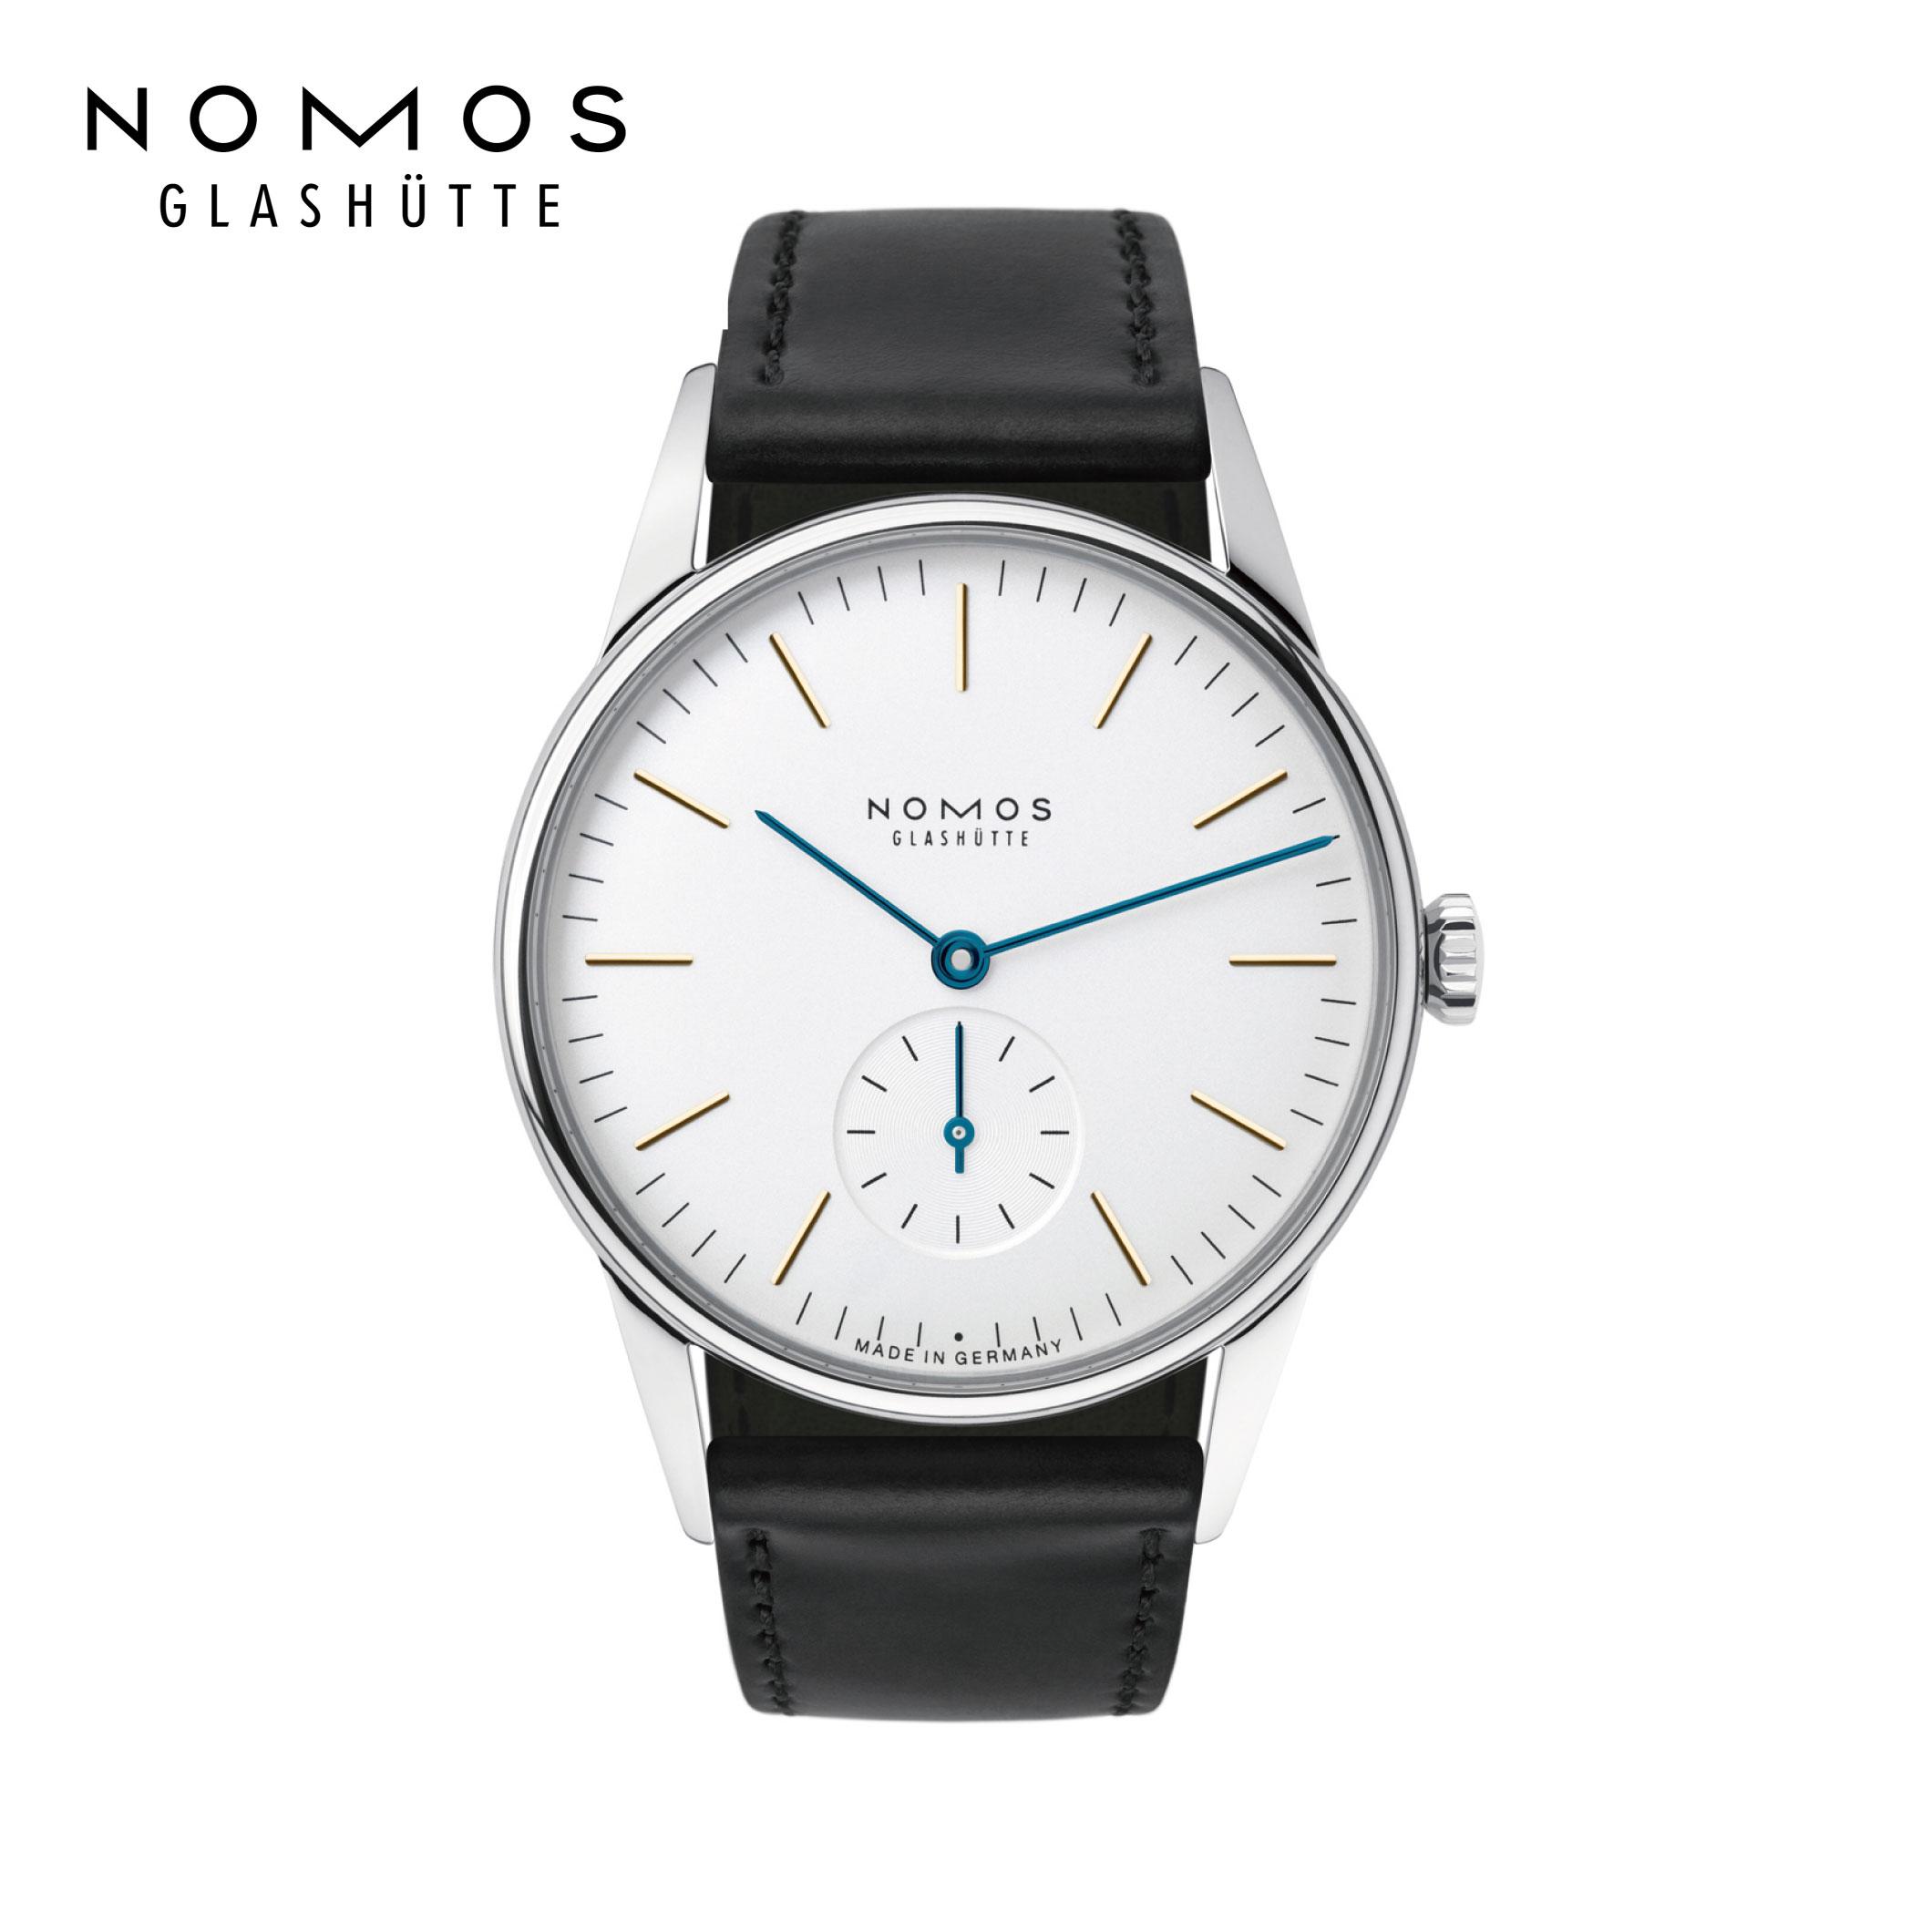 ノモス 正規輸入元直販 送料無料 定番 OR1A3GW2 ノモスグラスヒュッテ オリオン NOMOS 手巻き 新生活 tte Glash 35mm Orion 機械式腕時計 新作アイテム毎日更新 ドイツ製